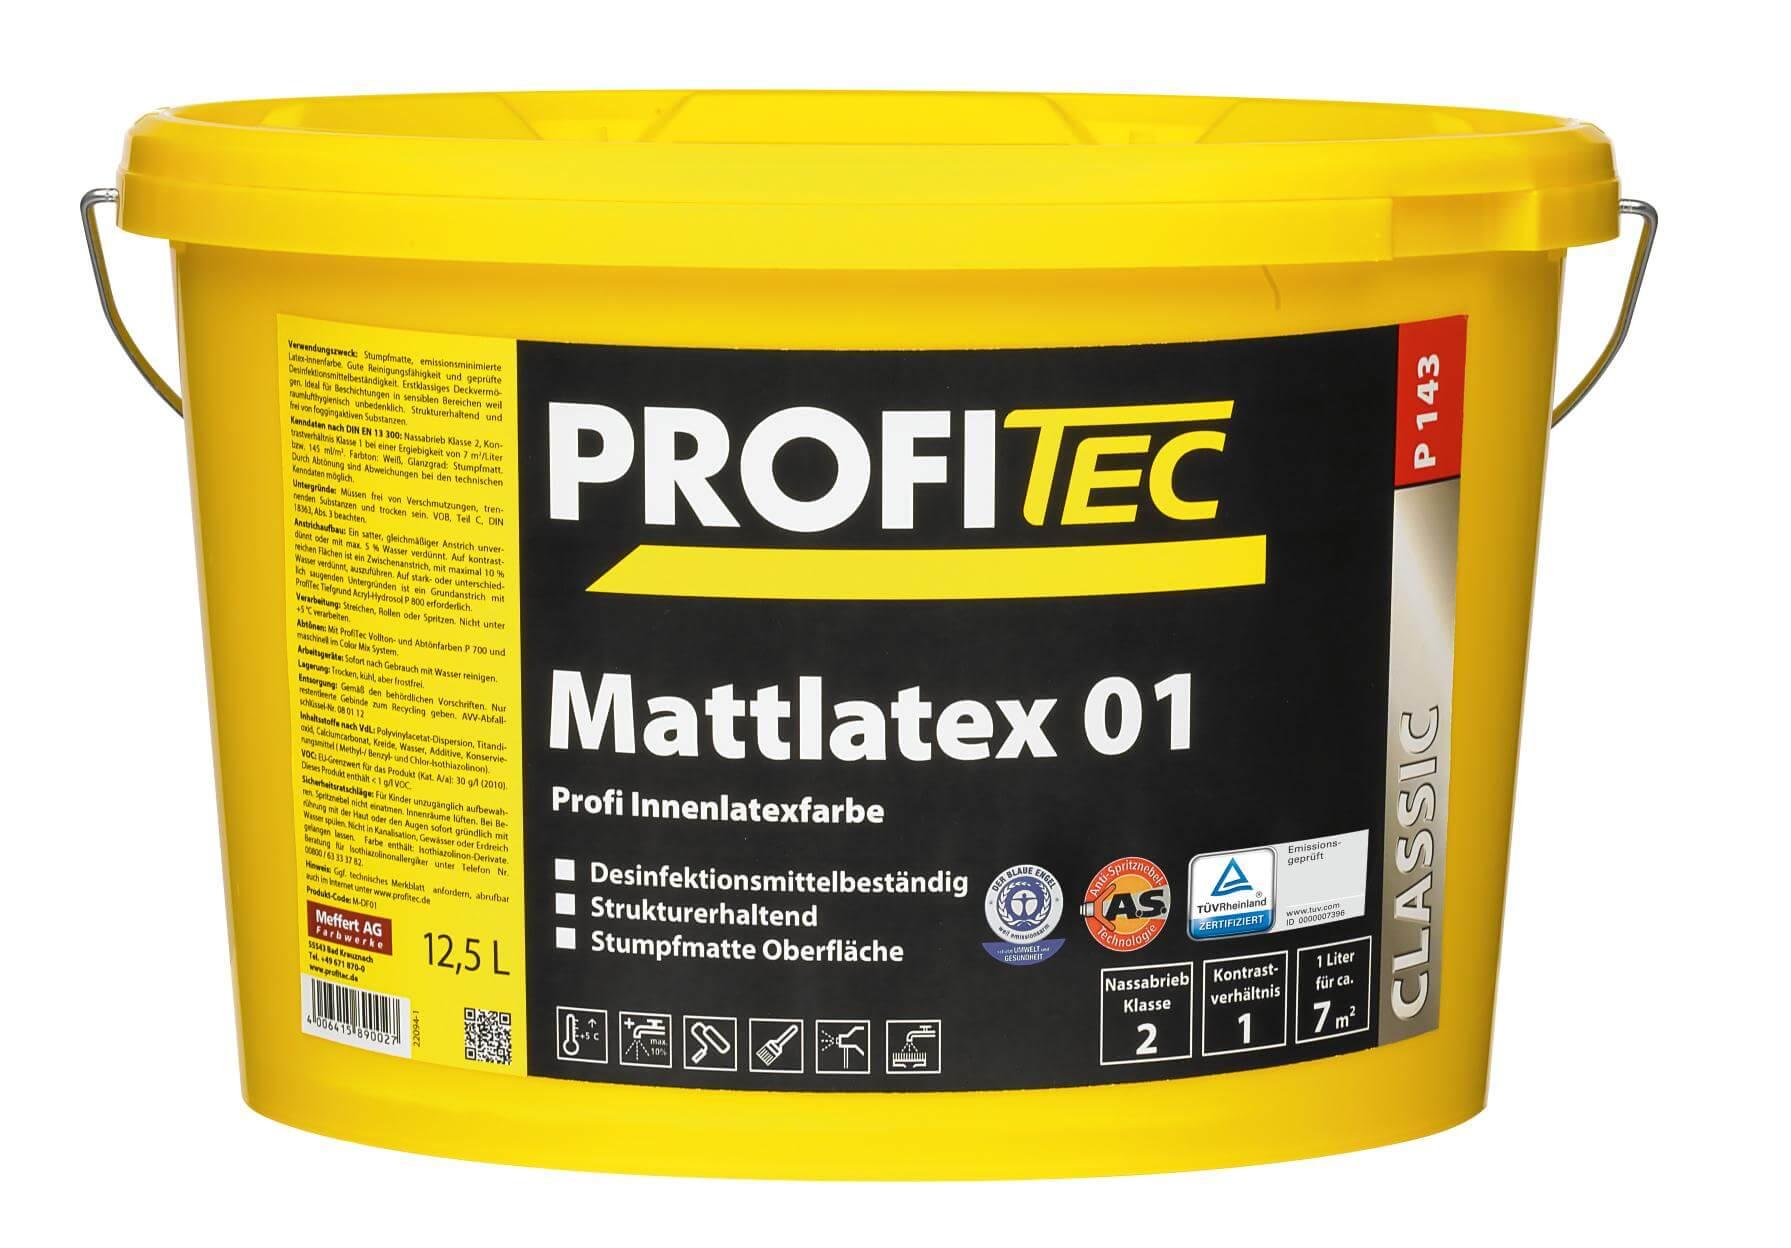 Mattlatex 01 P 143